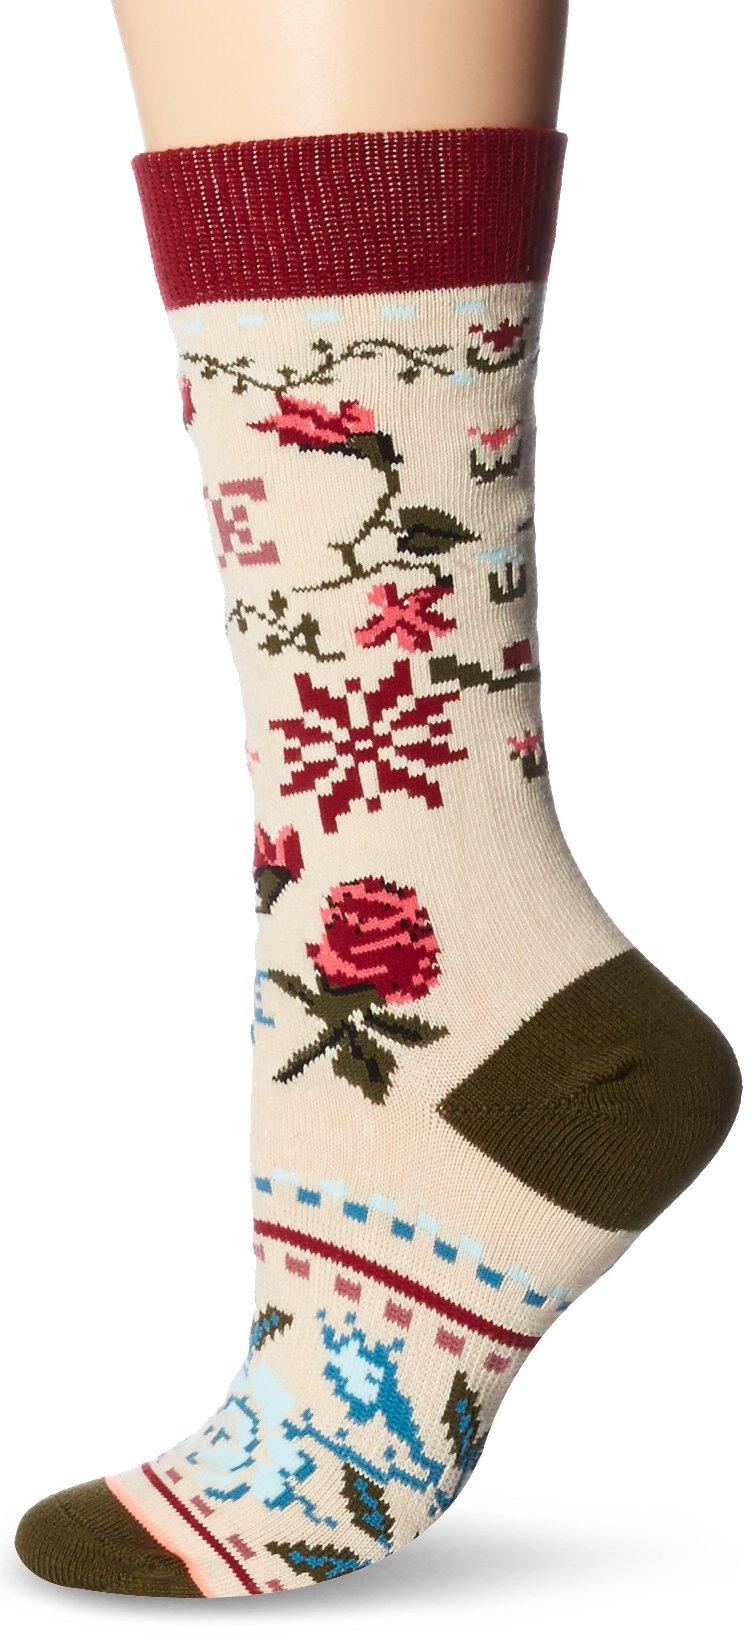 Stance Women's 2 Pack Holiday Socks Gift Box Set, Multi, Medium